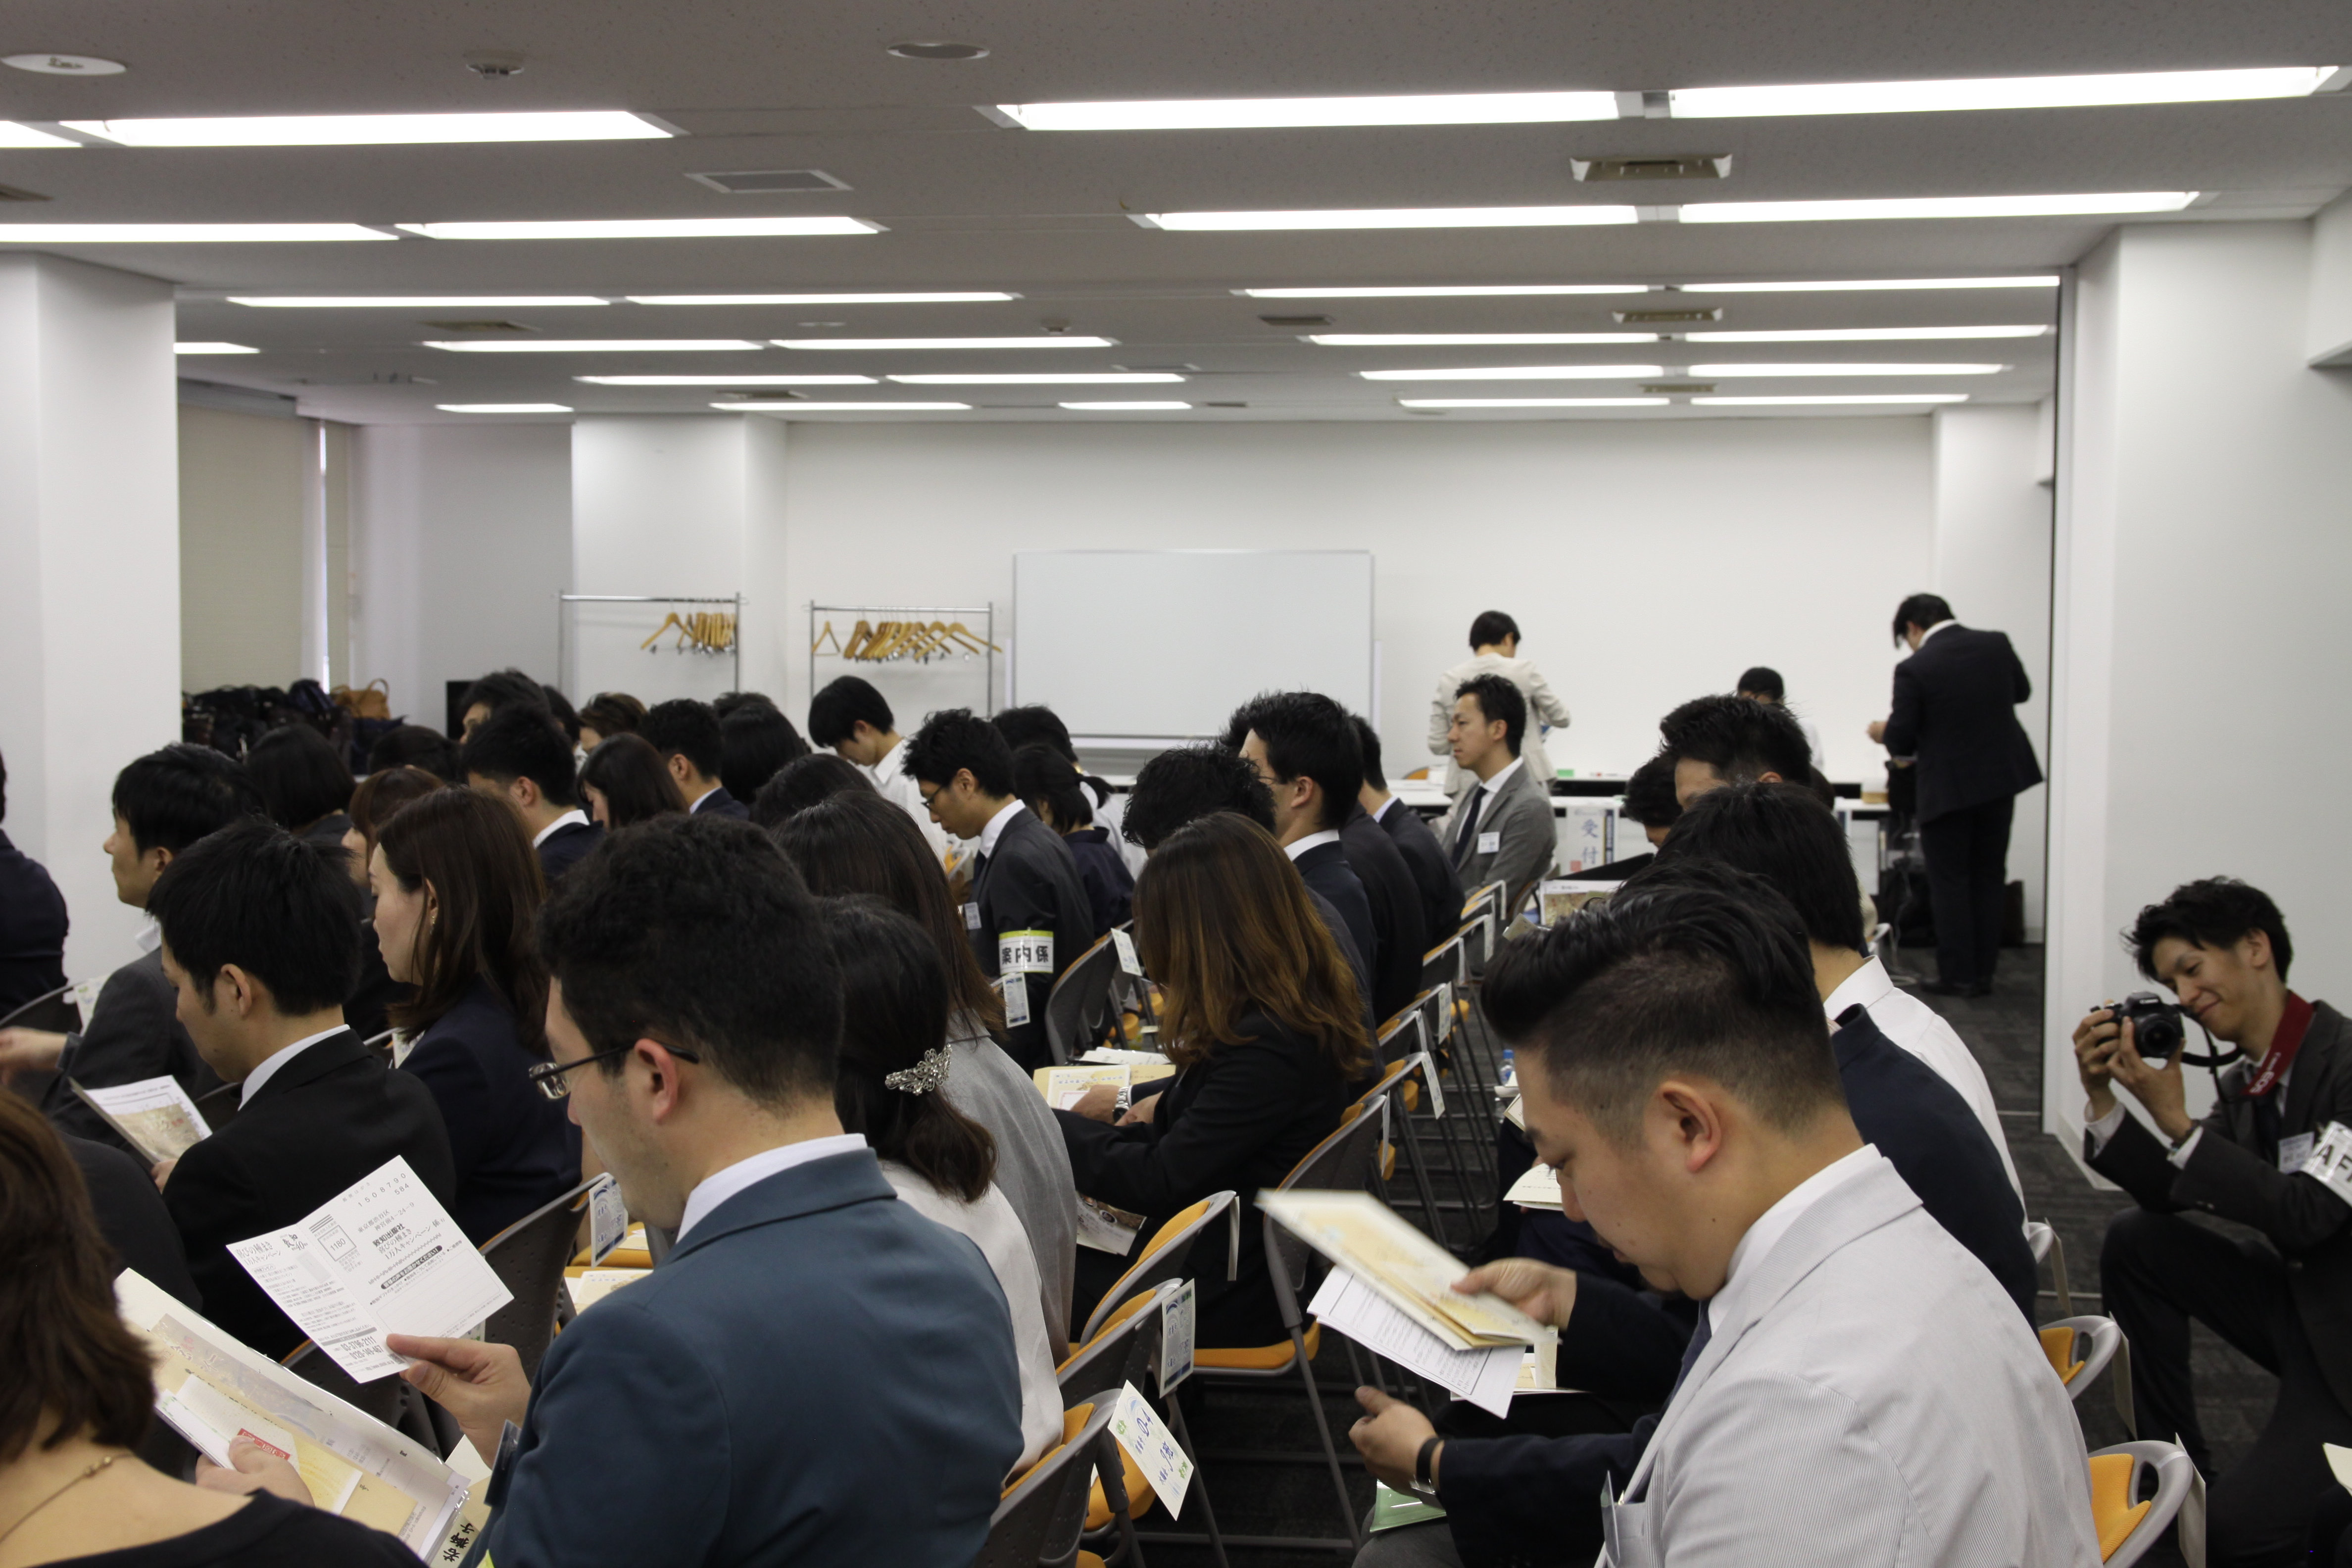 IMG 4511 - 関東若獅子の会、記念すべき第100回